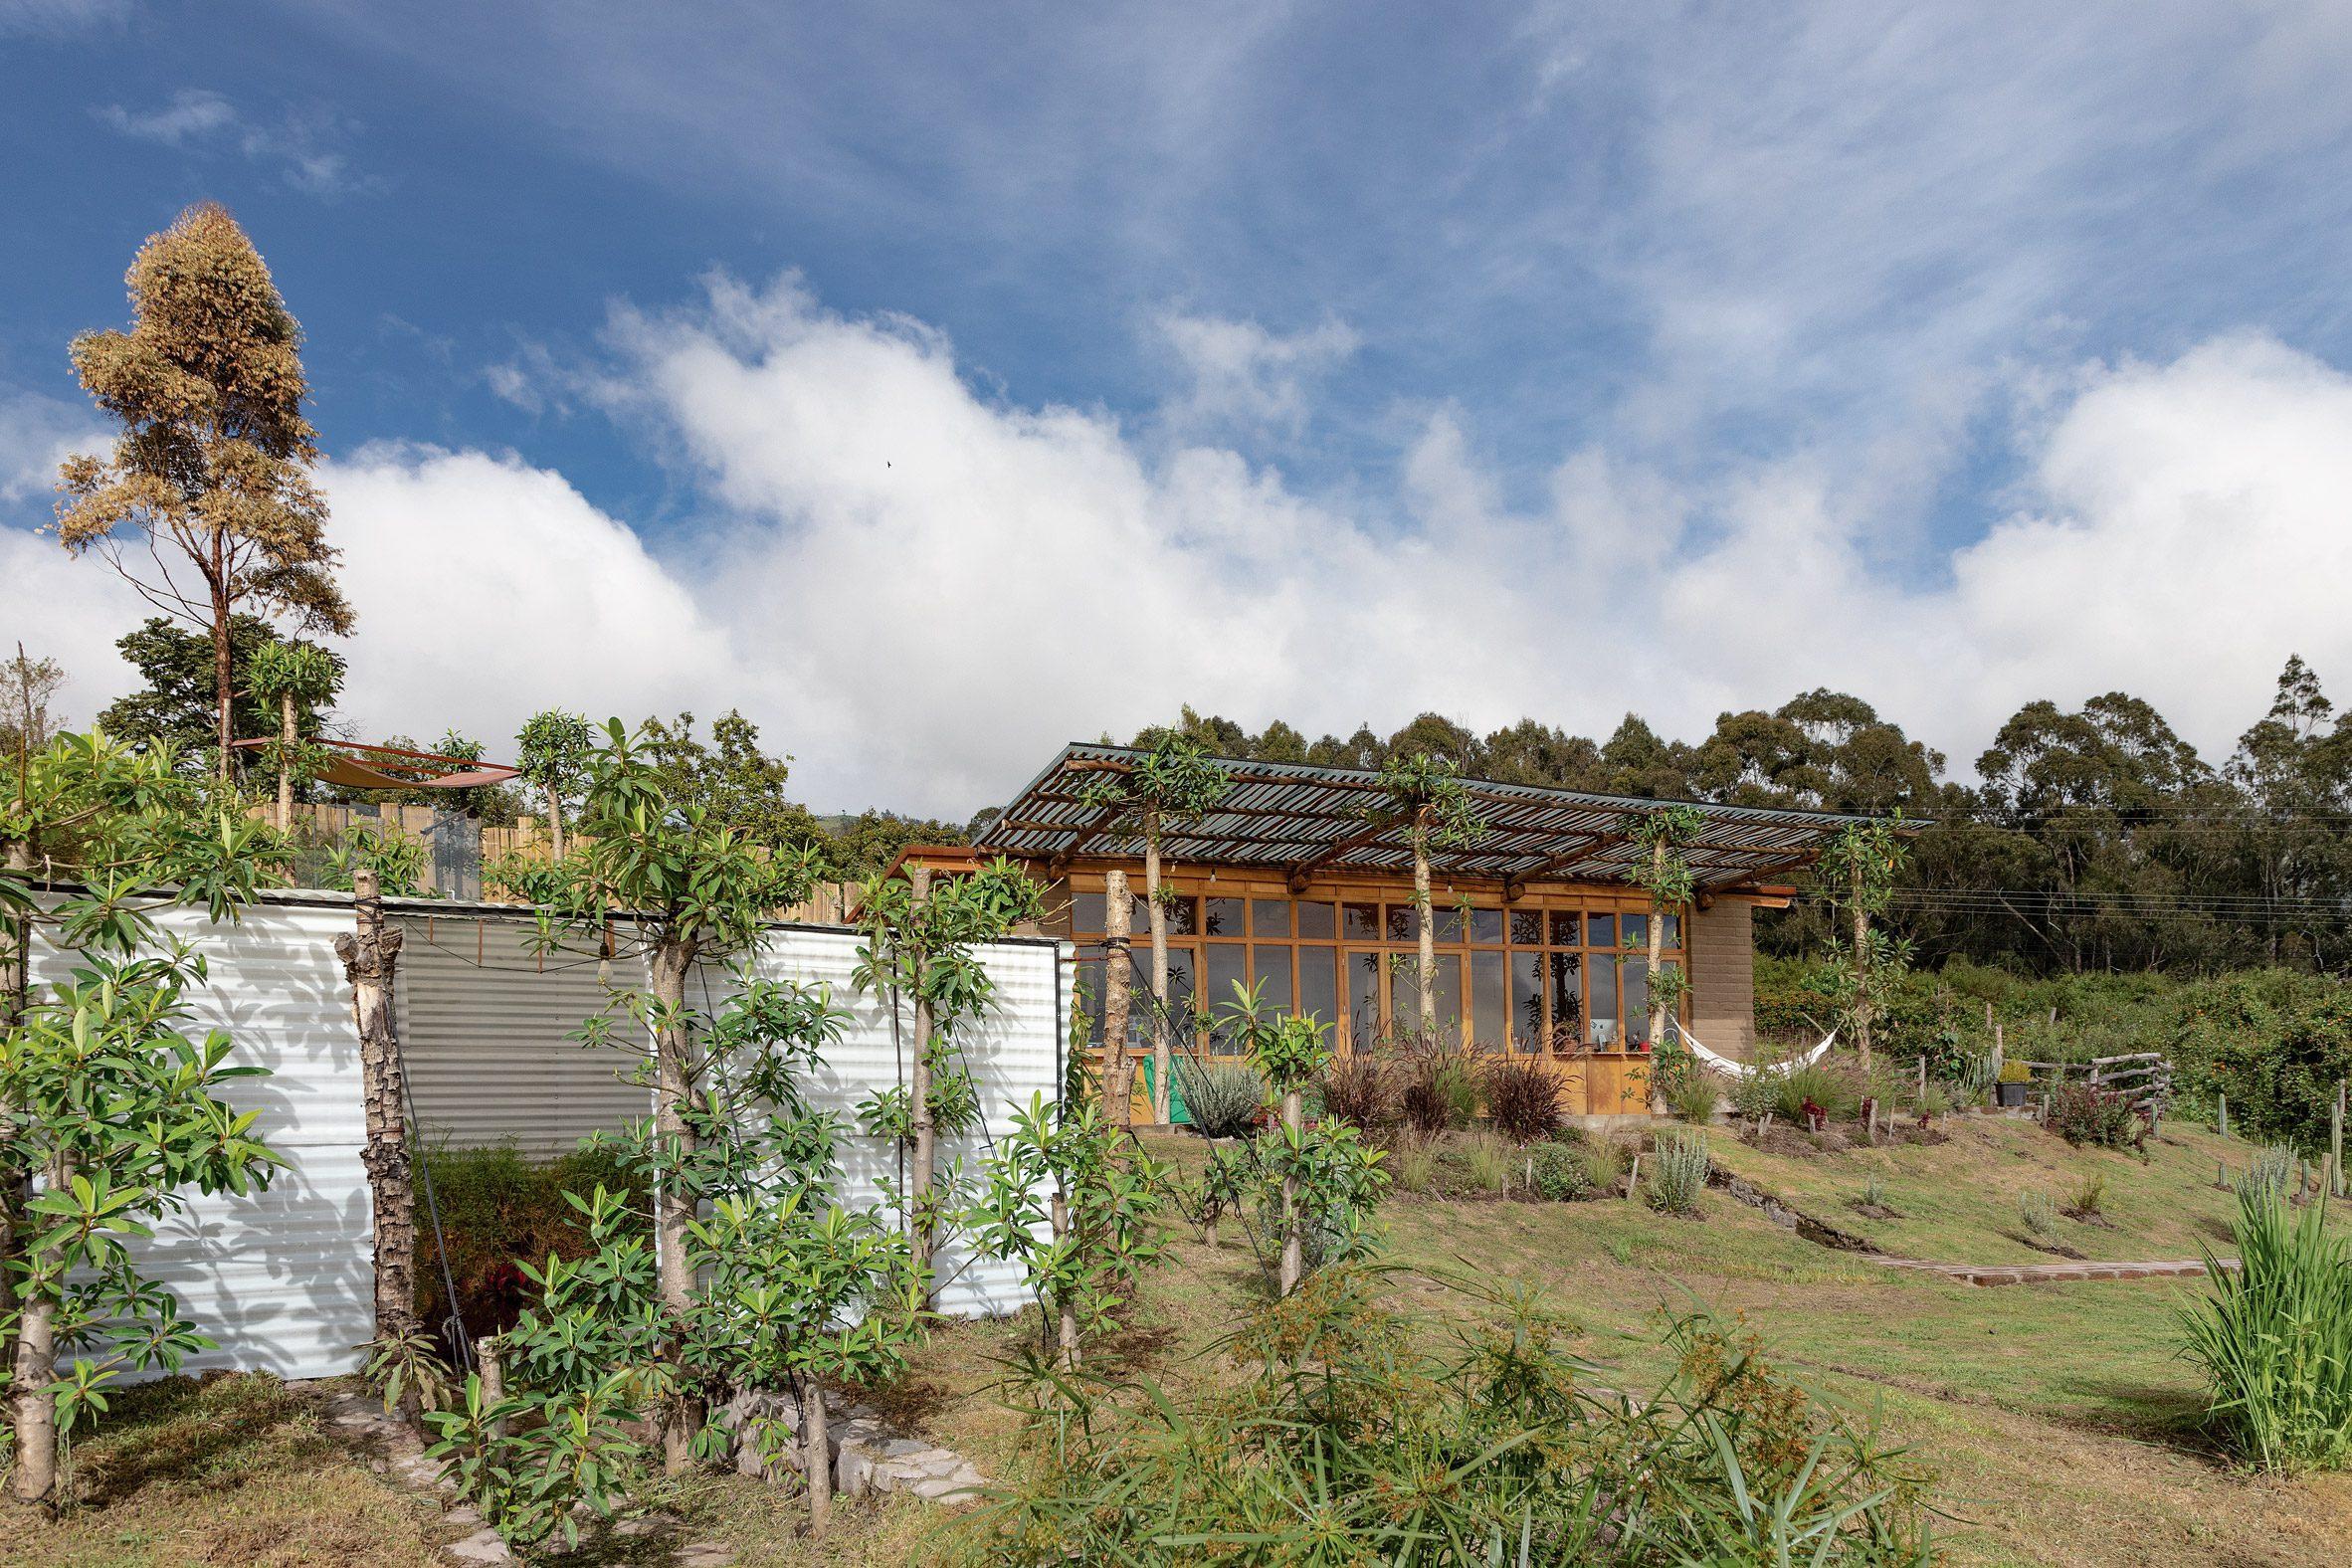 Casa Jardin oleh Al Borde di Ekuador